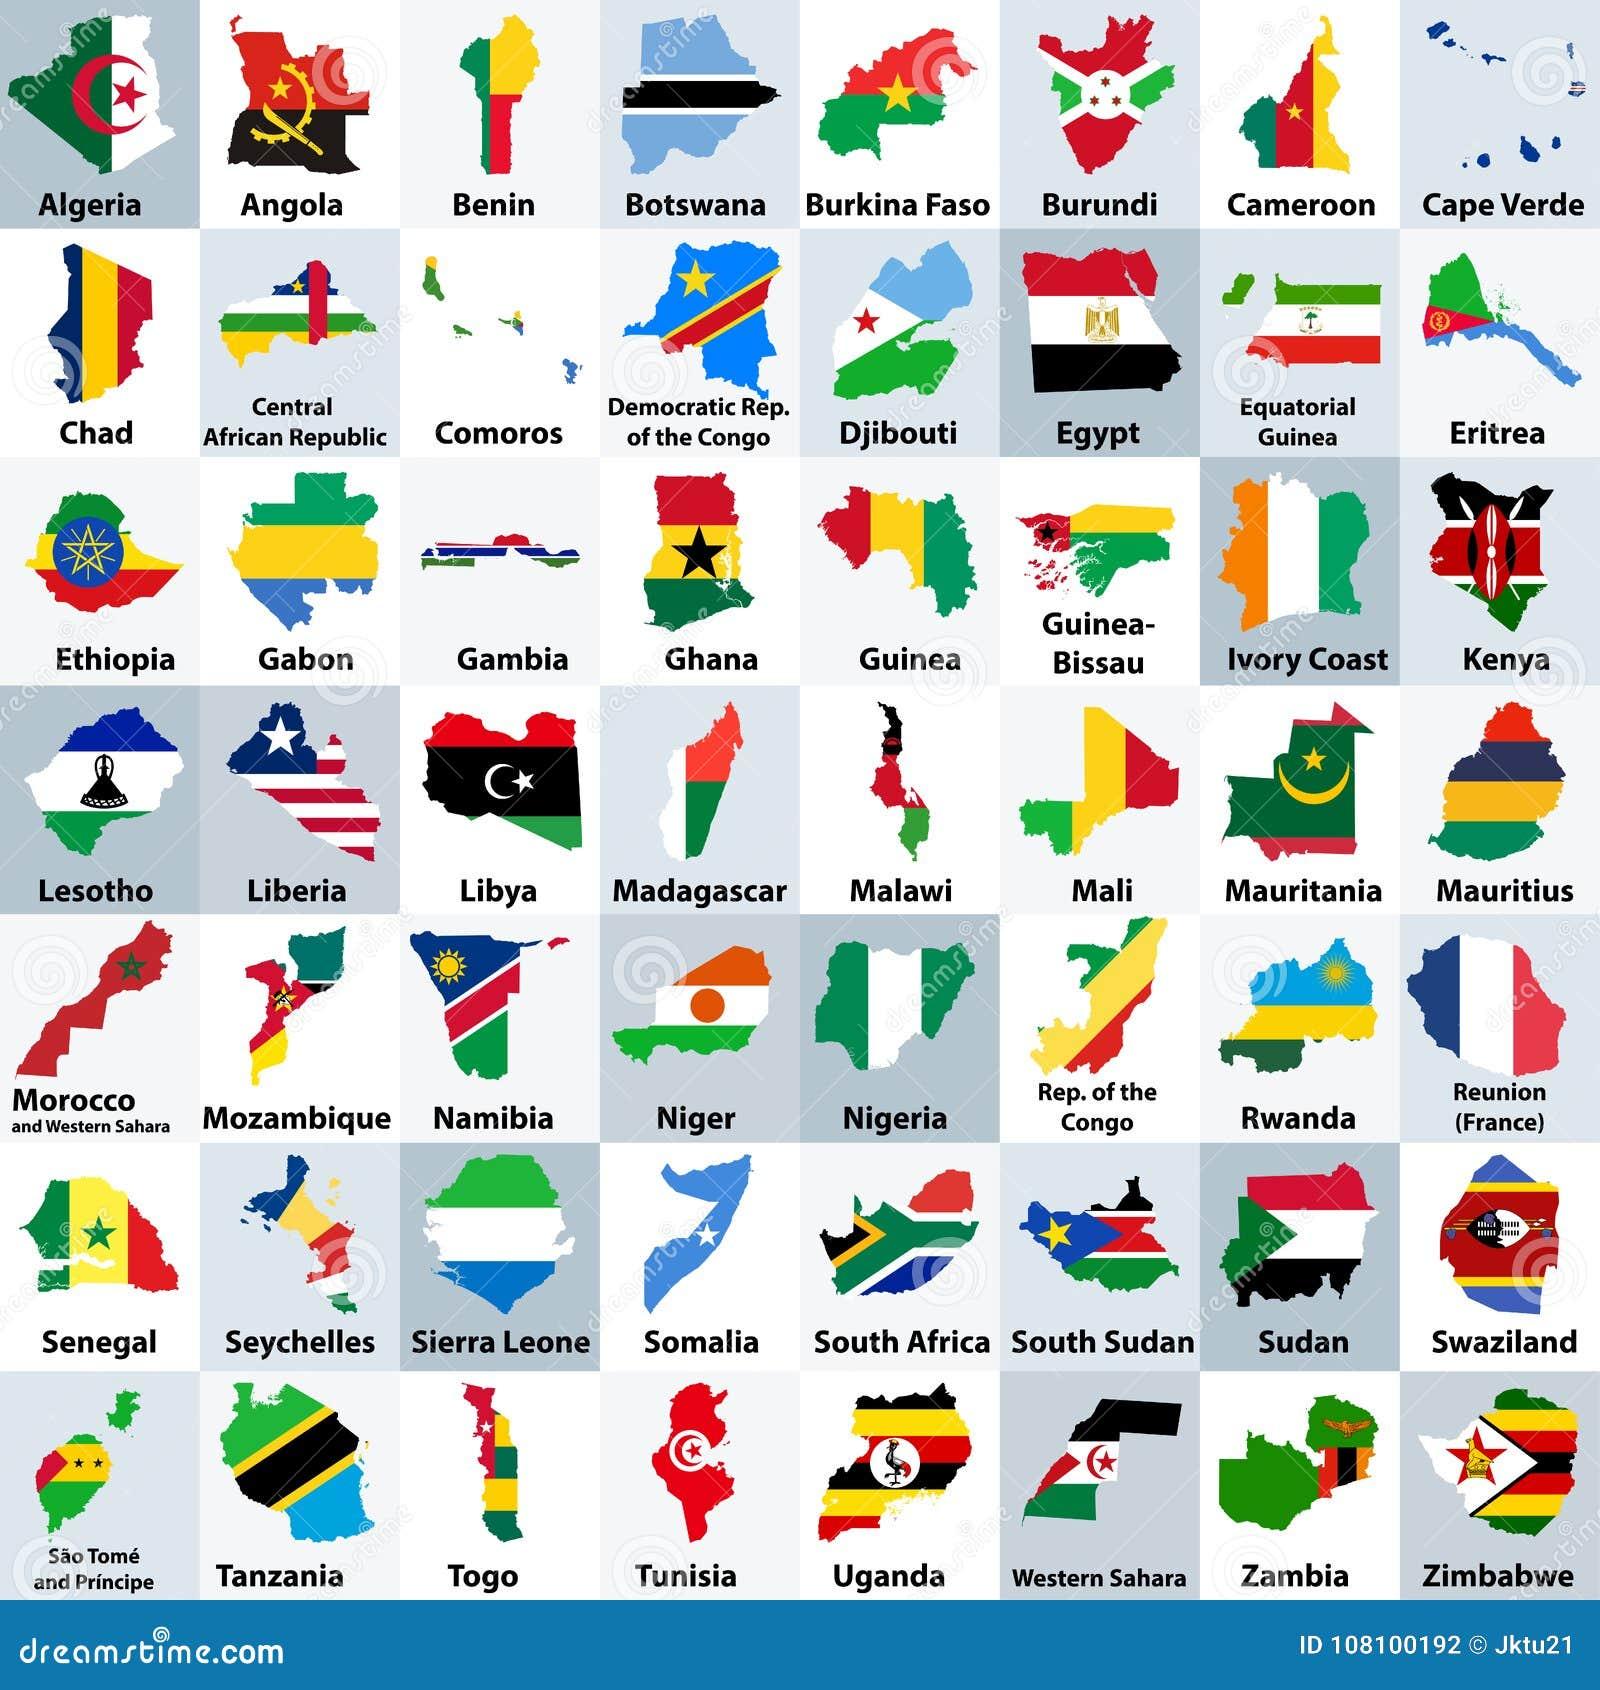 Tutti i paesi africani traccia misto con le loro bandiere nazionali e sistemato in ordine alfabetico